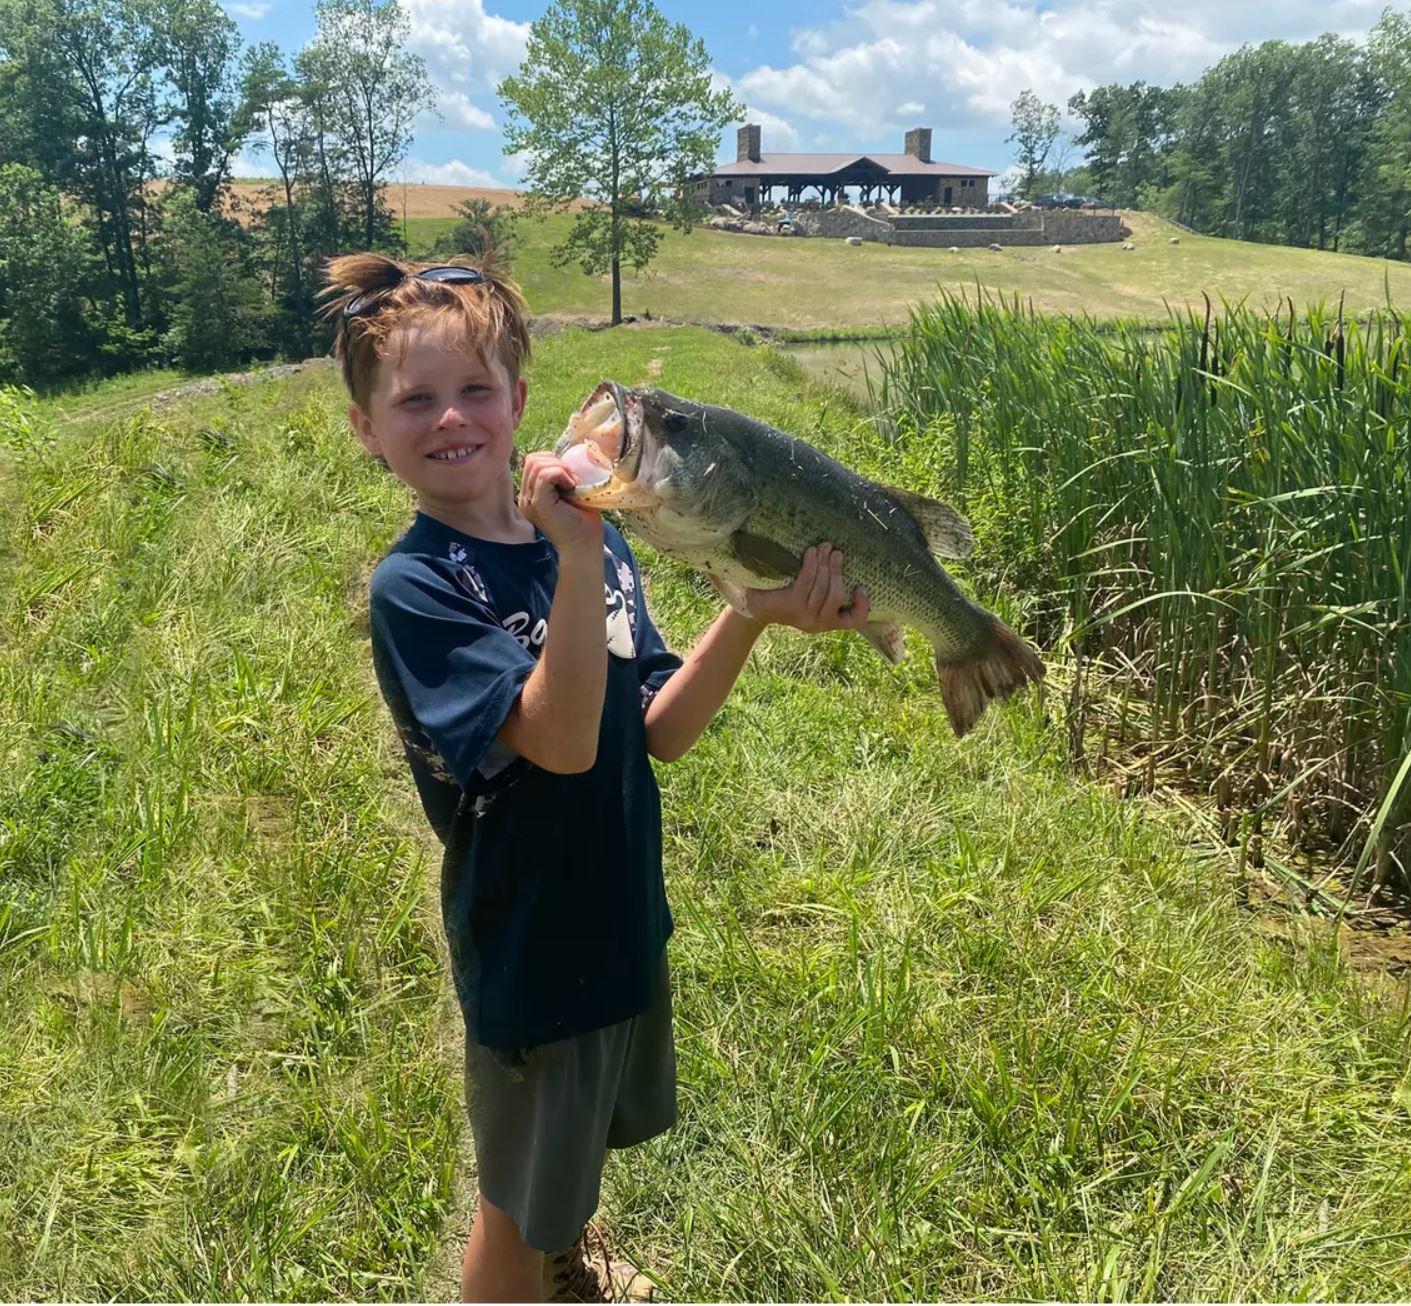 Fishing Venue in Virginia